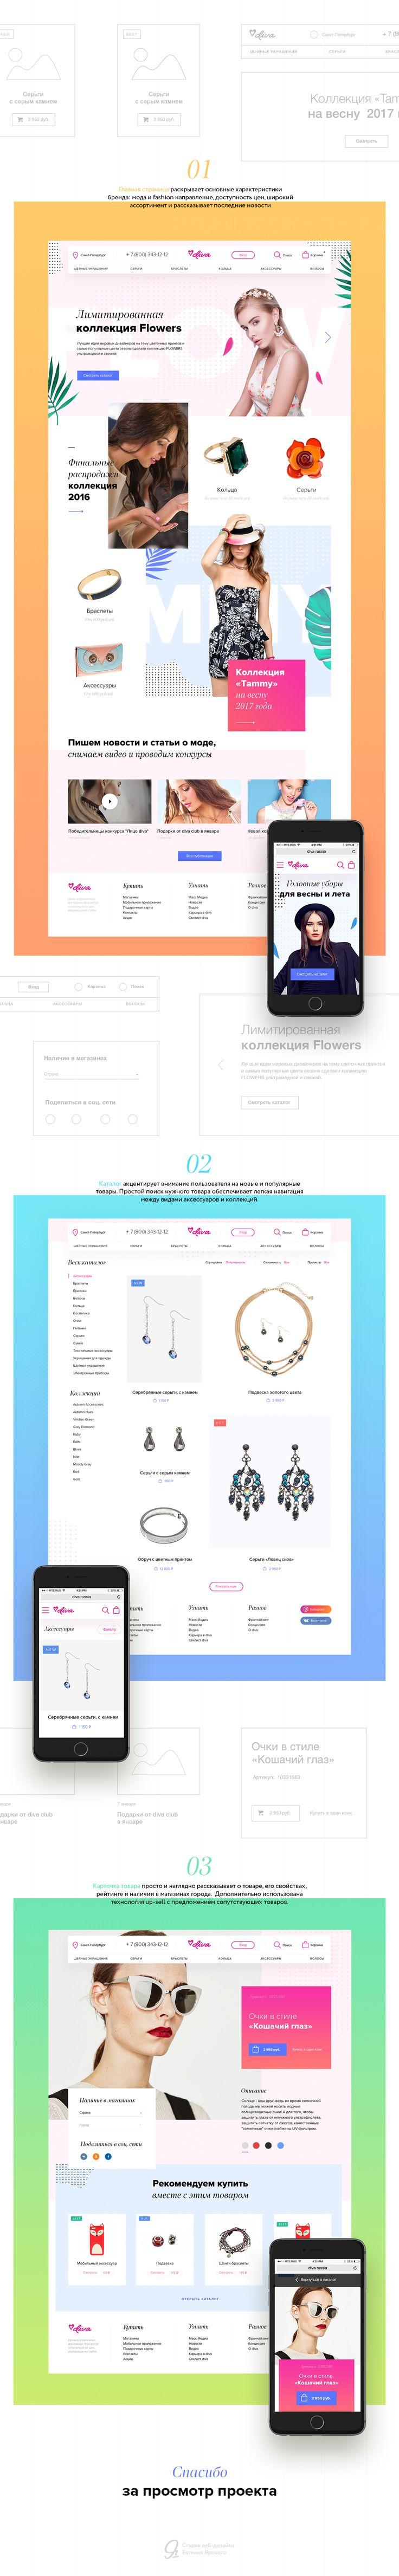 Редизайн российского сайта бренда DIVA on Behance